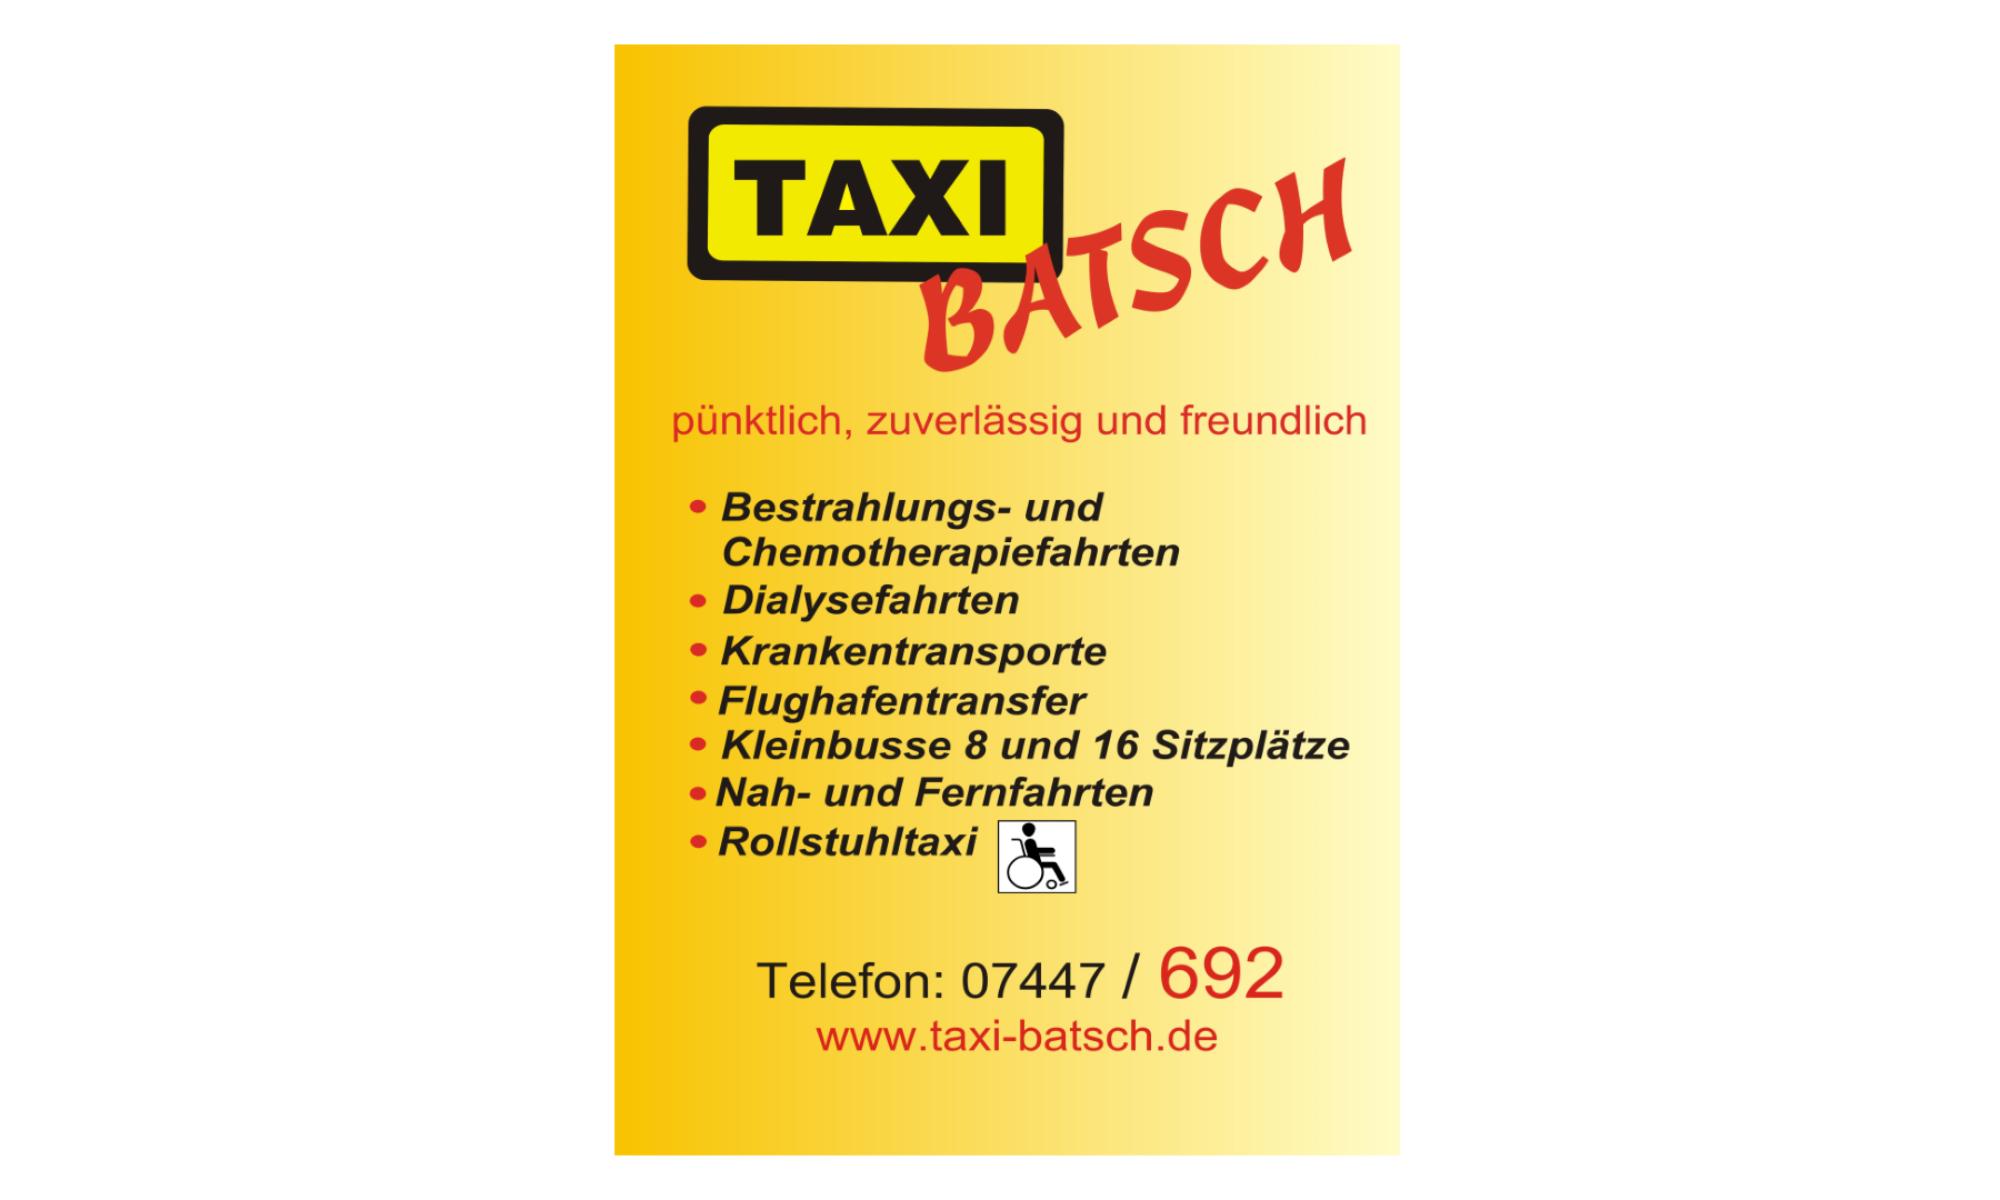 Taxi Batsch